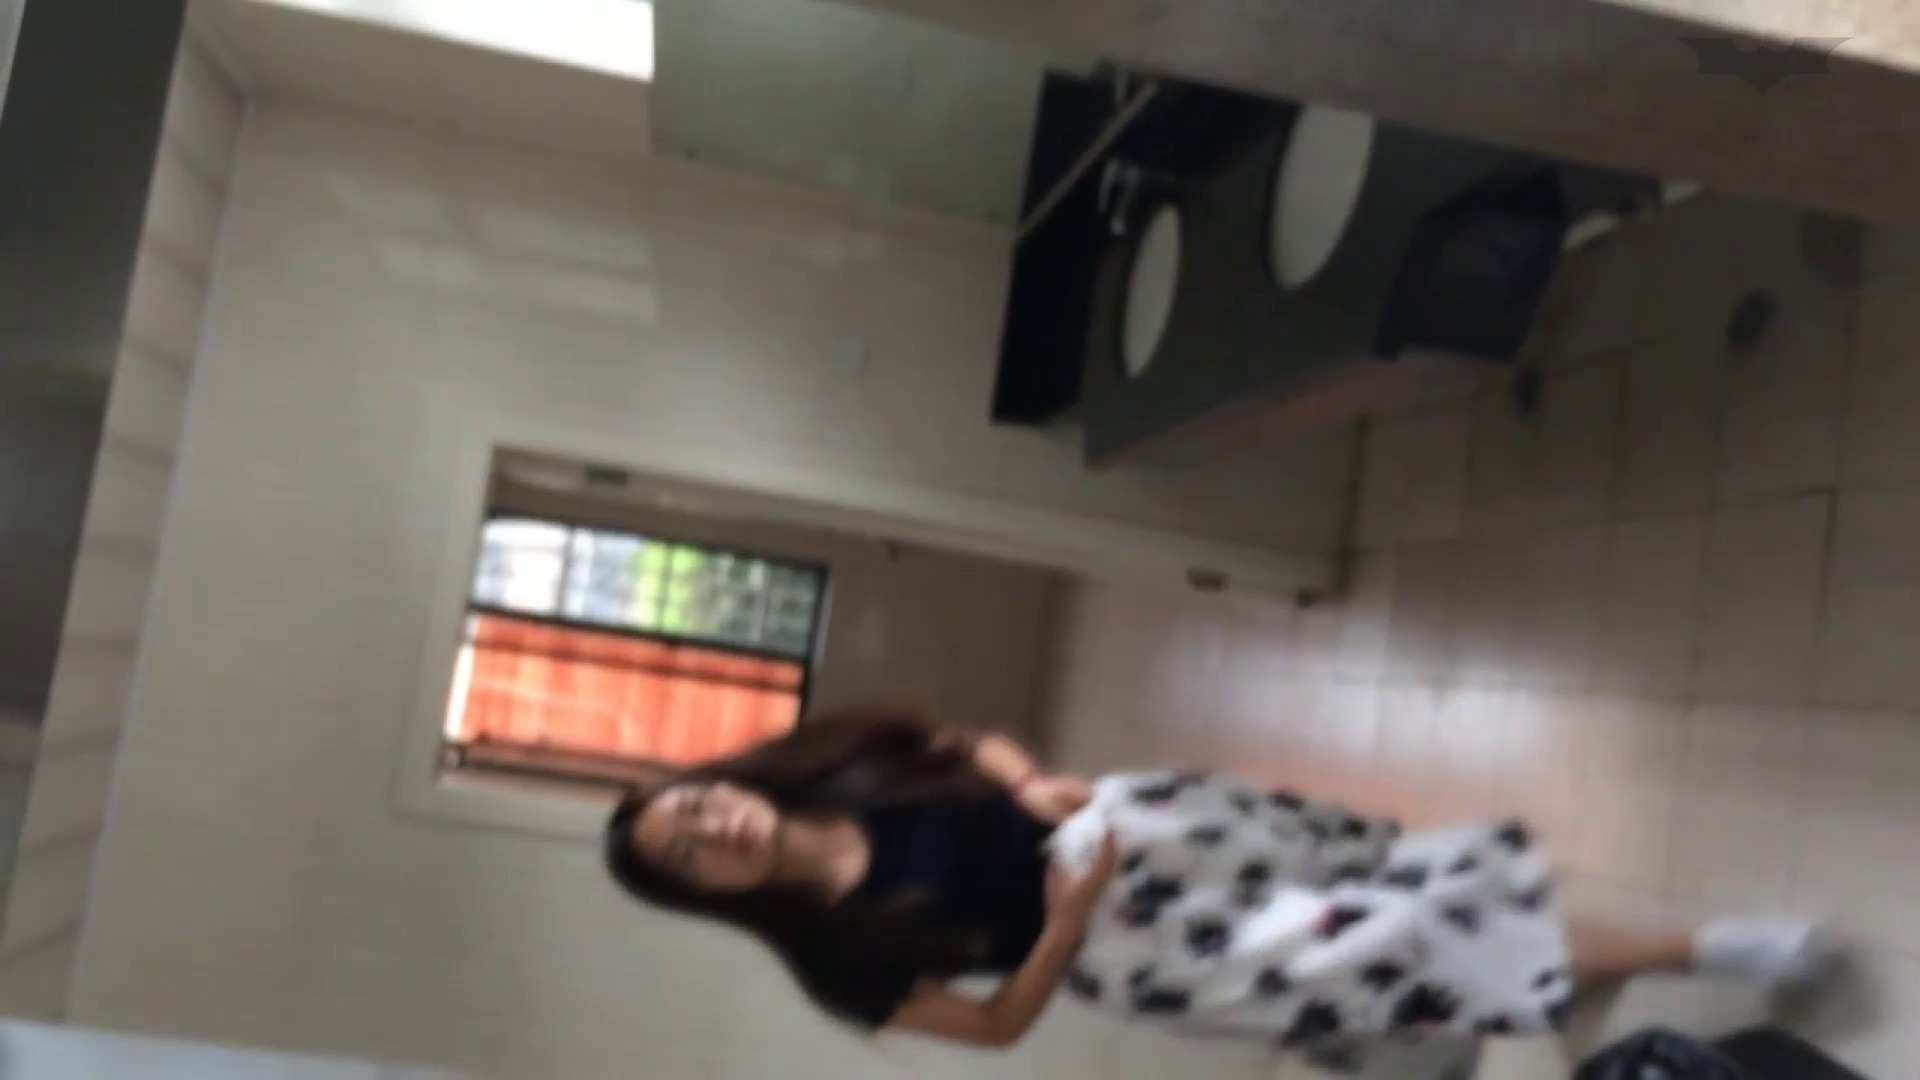 JD盗撮 美女の洗面所の秘密 Vol.45 トイレ中 | 盗撮エロすぎ  80連発 12